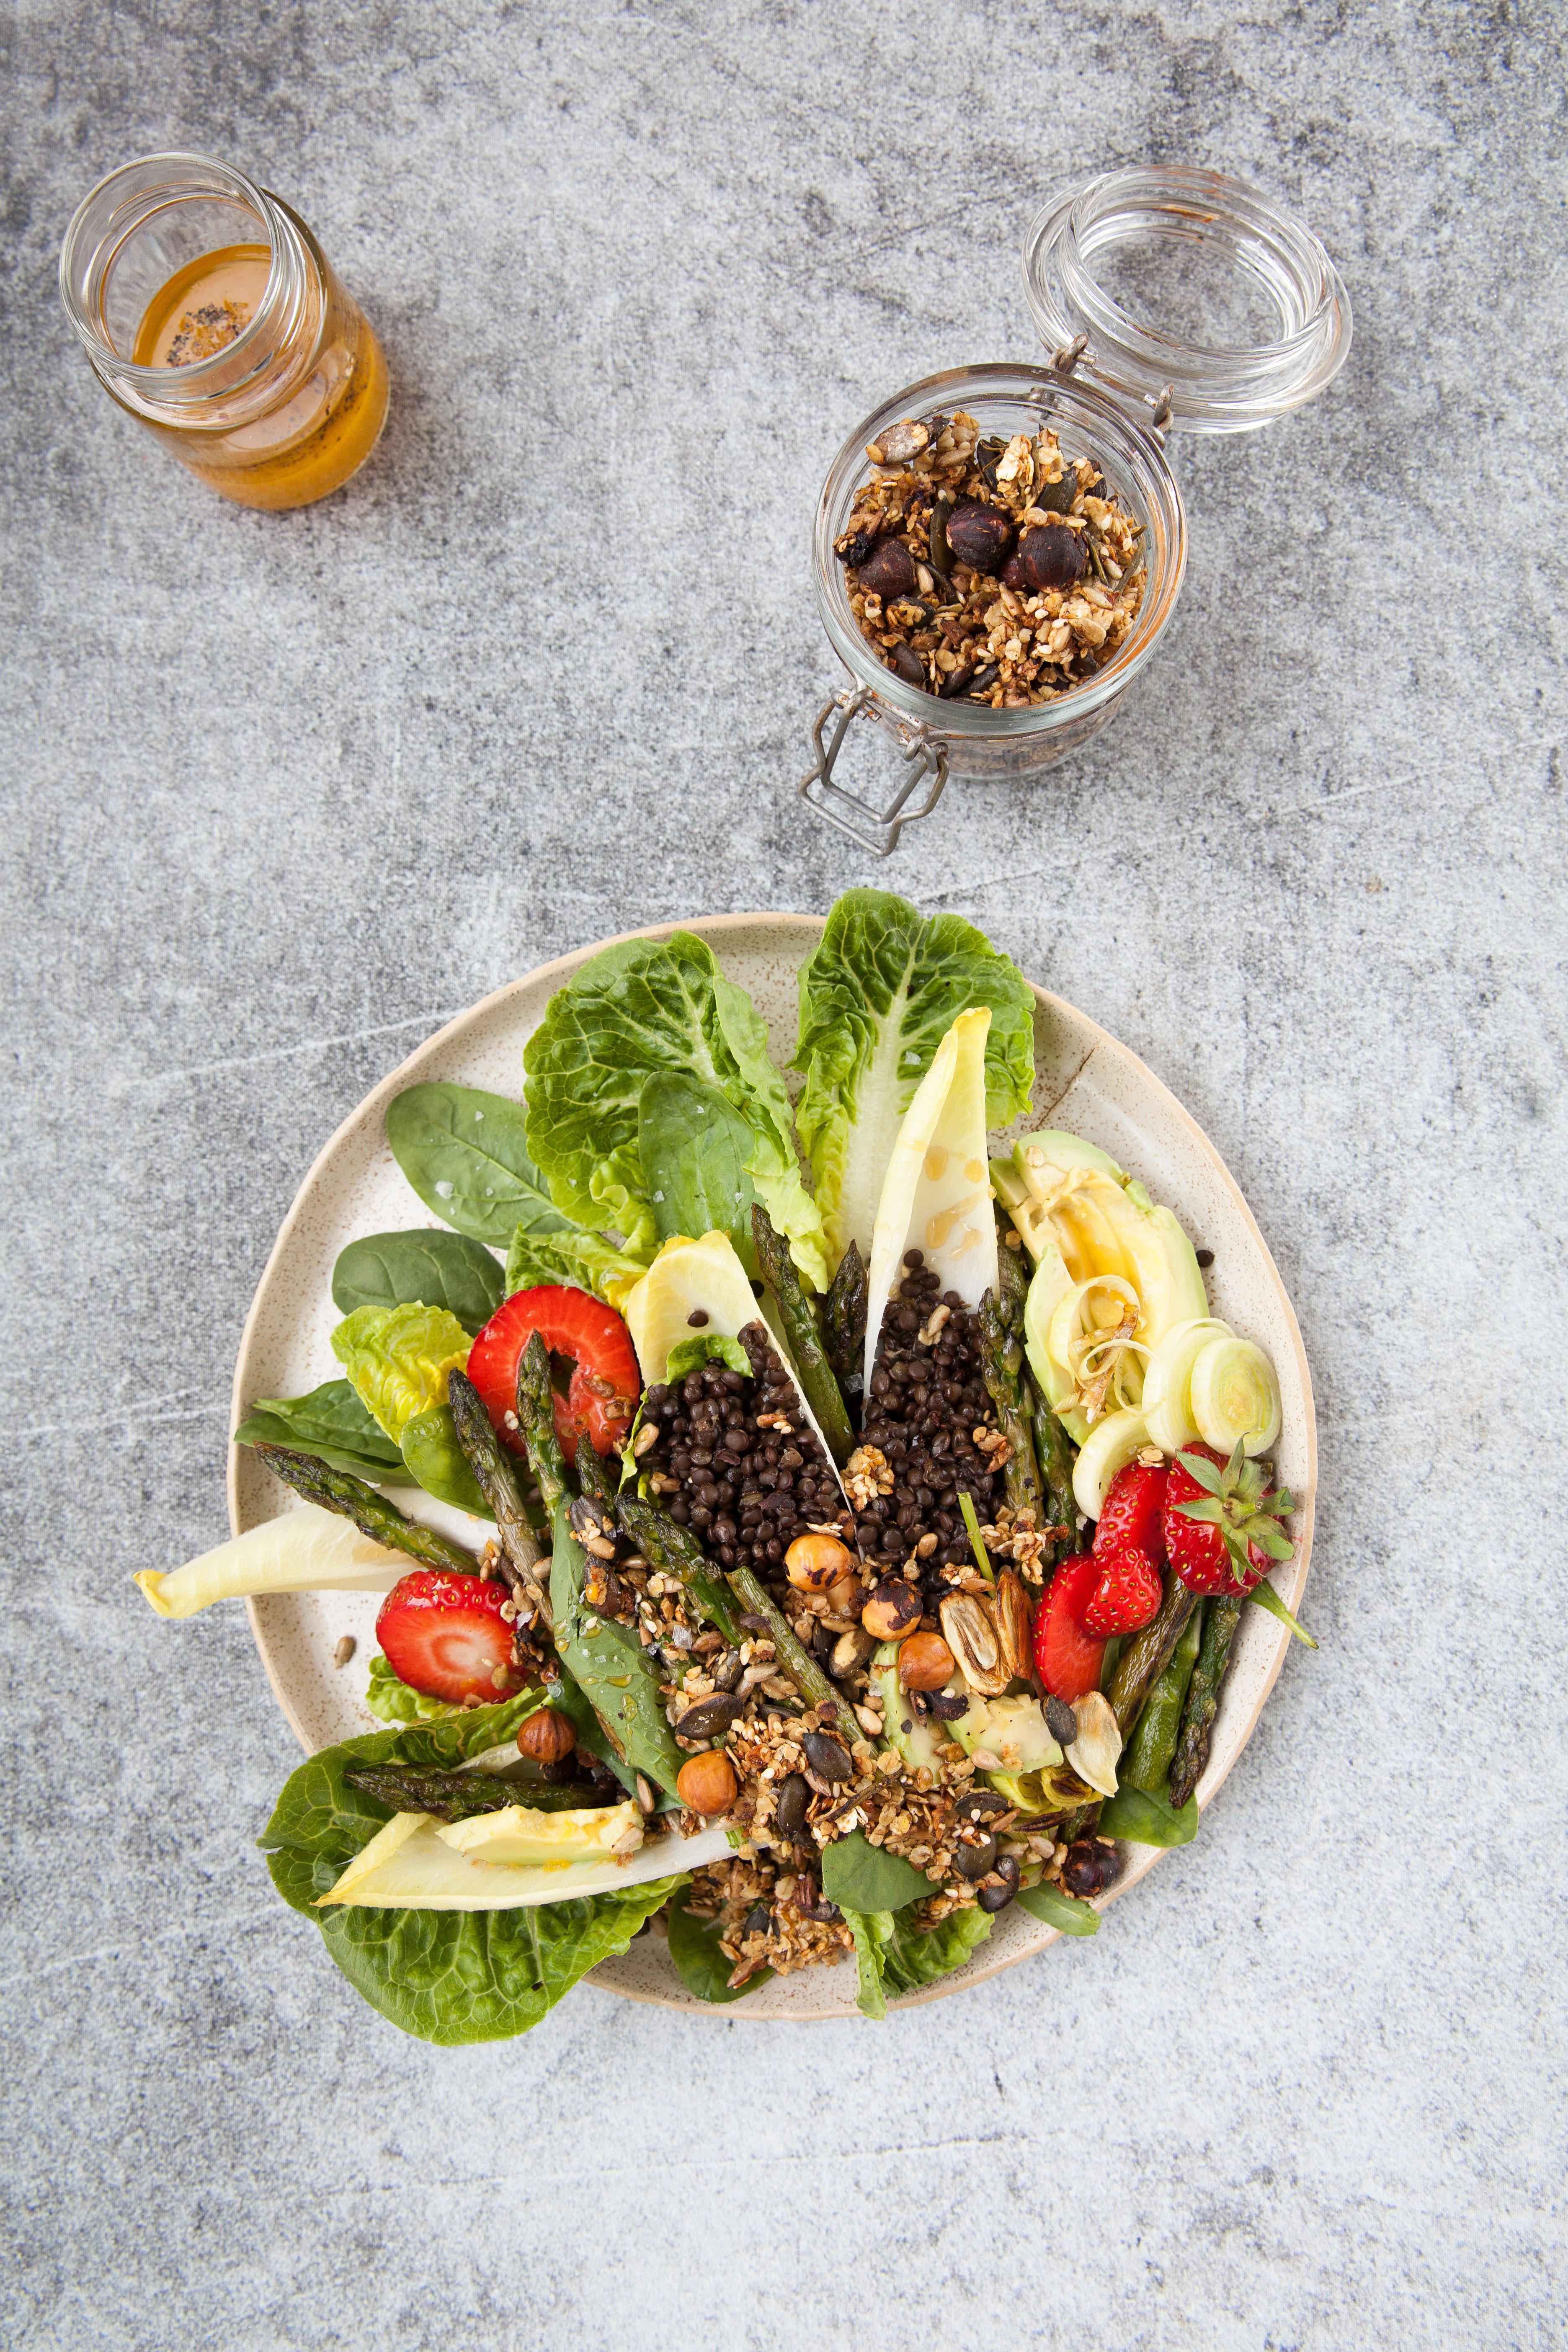 Pure_Beluga-Salat_Foodtastic_MG_8227